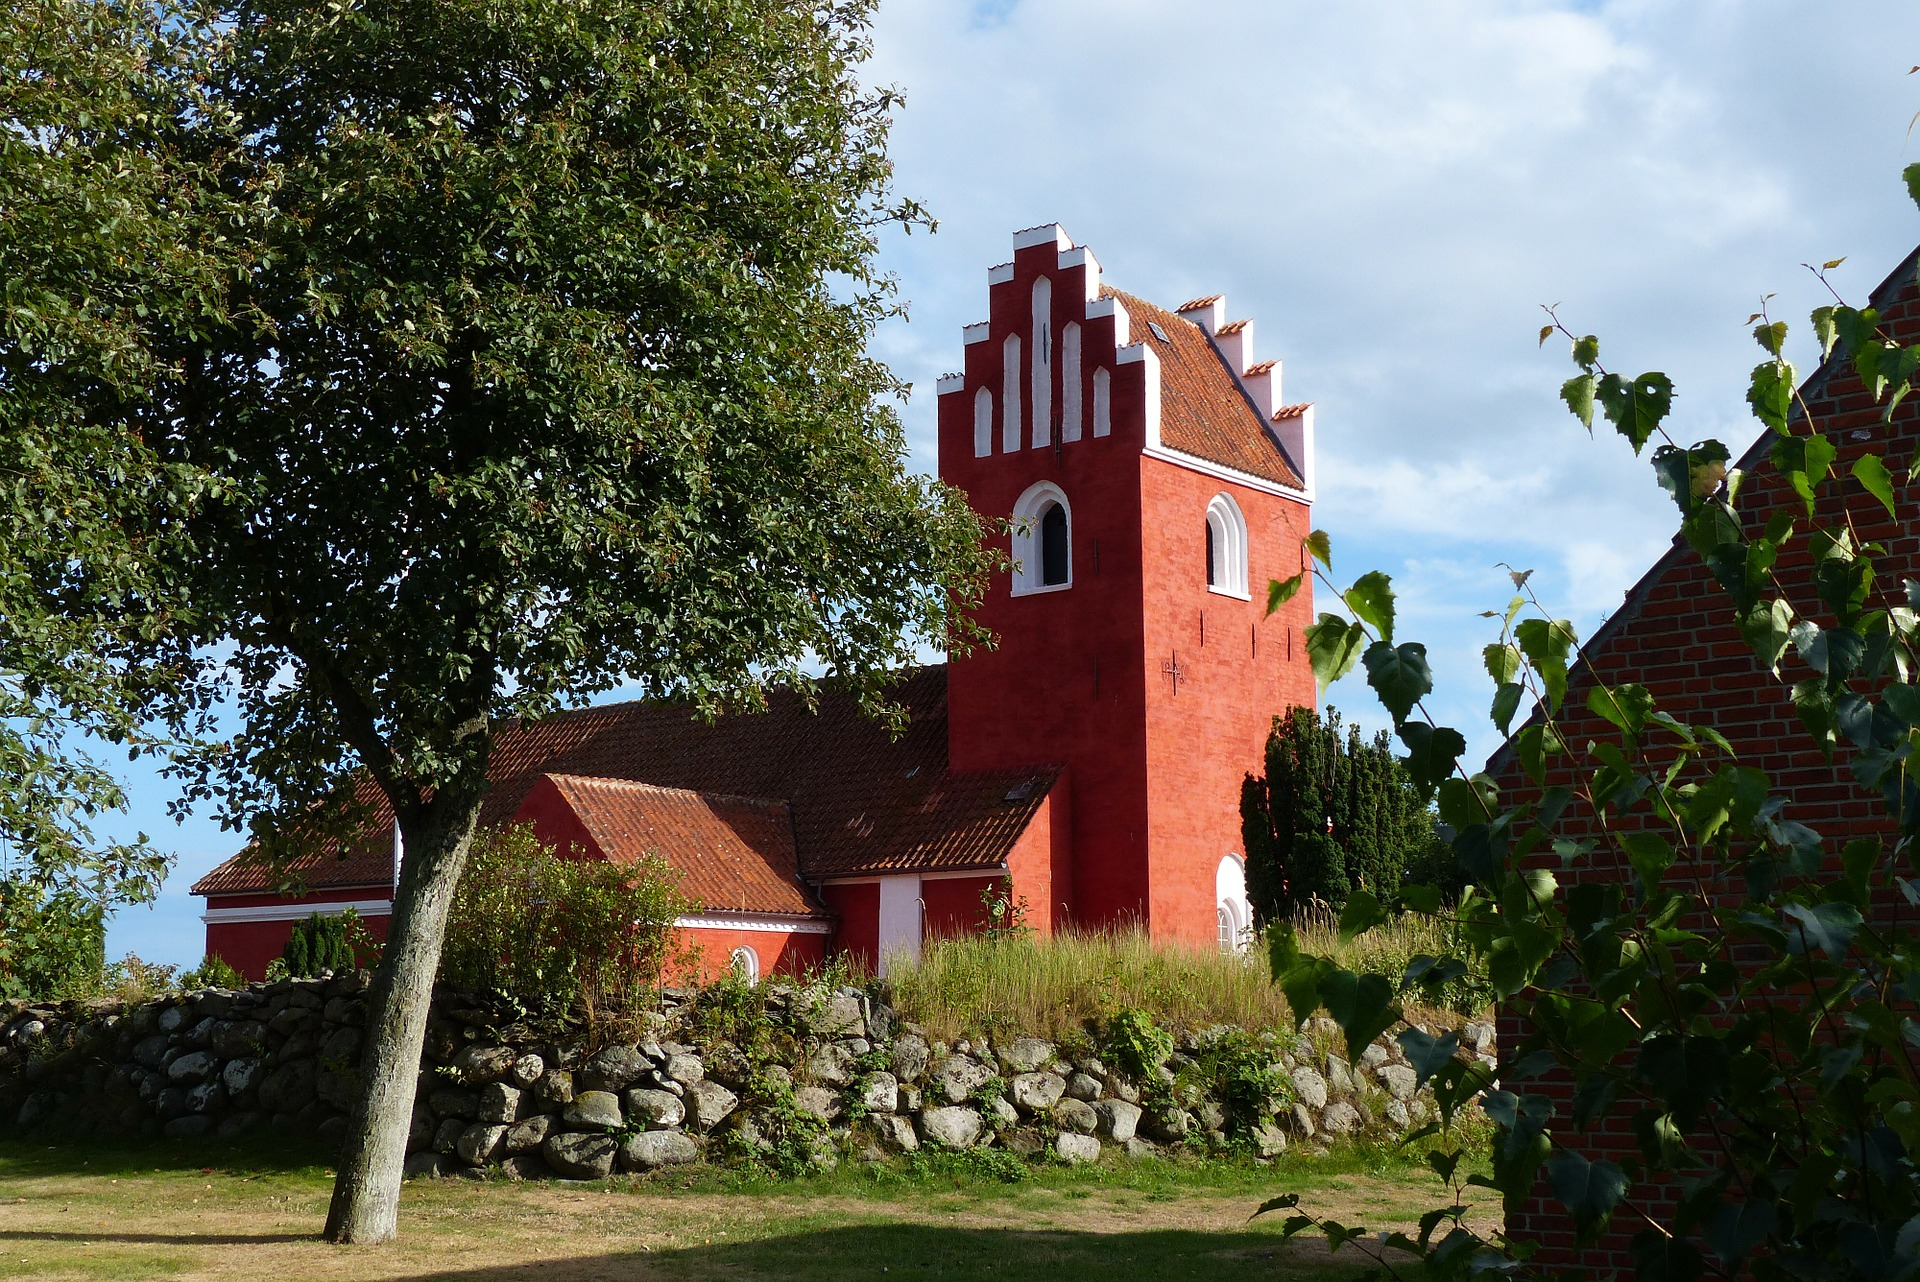 church-240577_1920